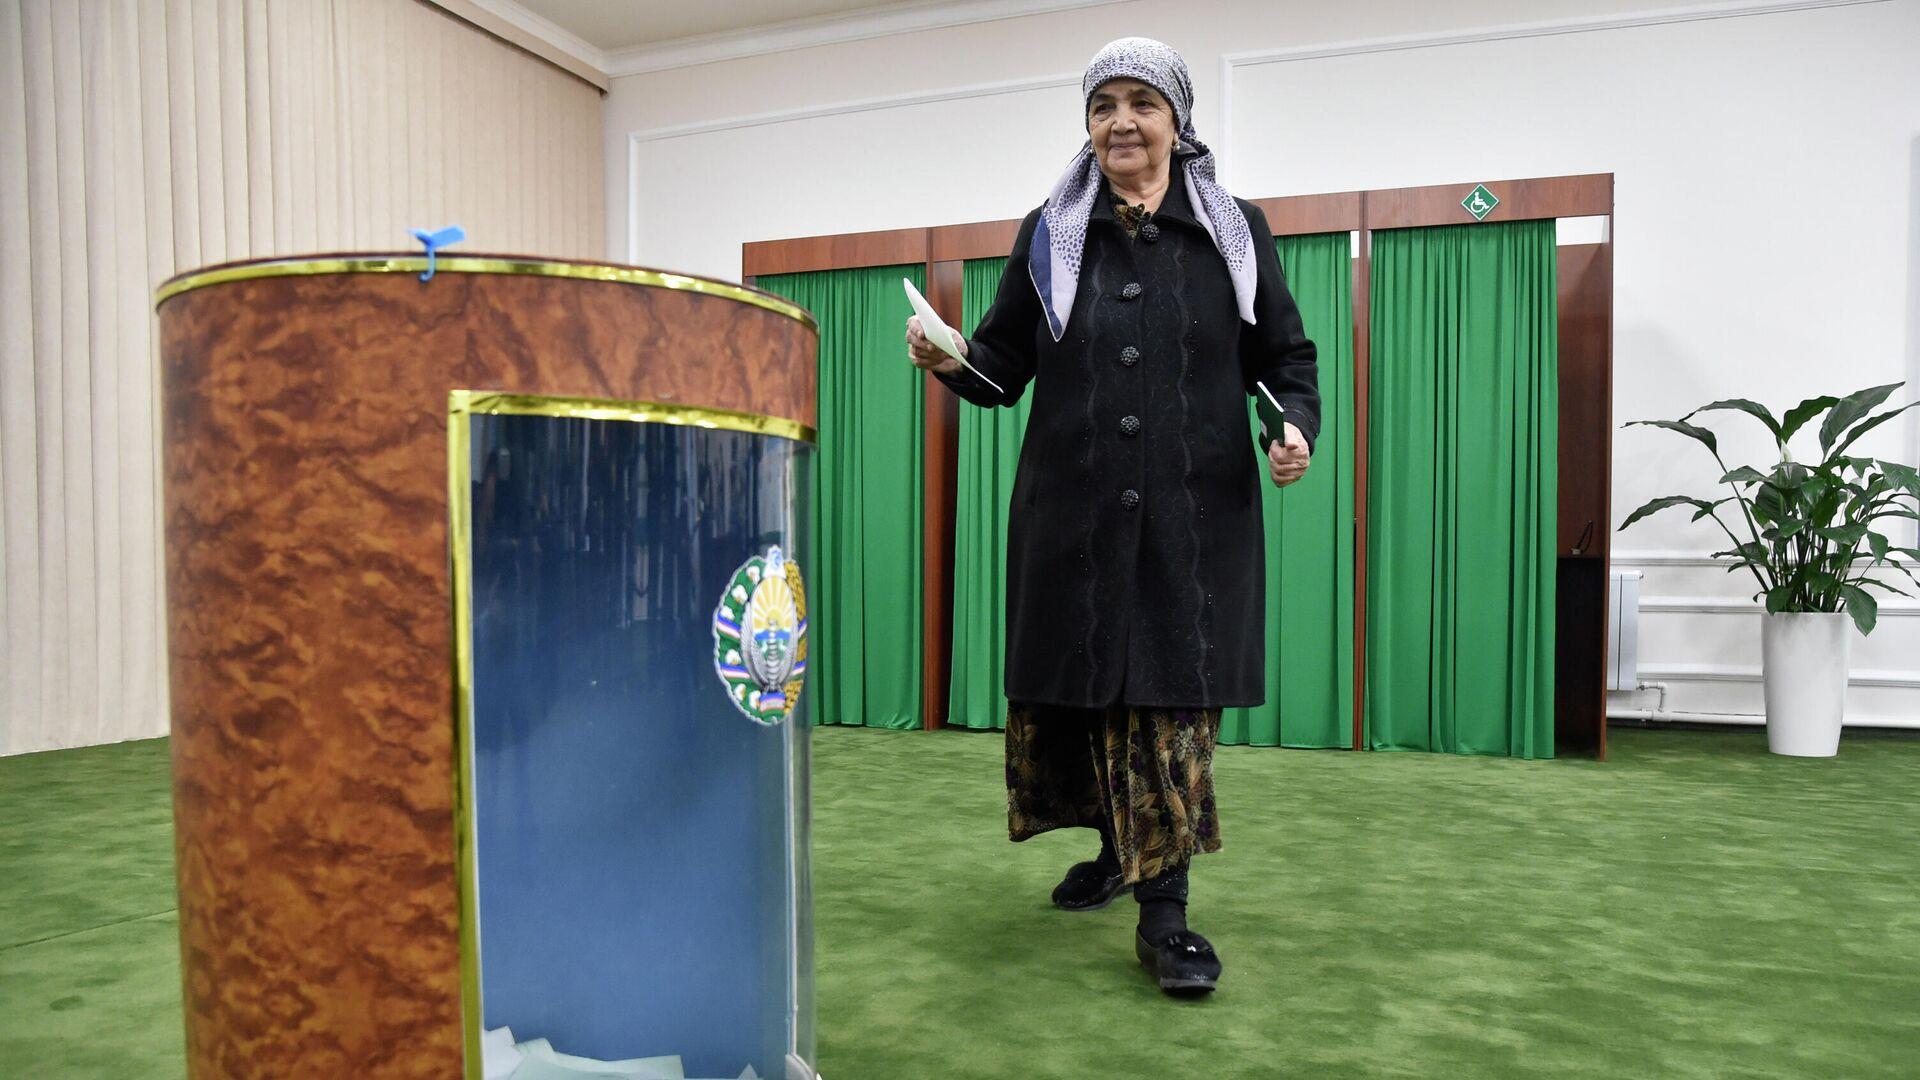 Выборы президента Узбекистана, архивное фото - Sputnik Узбекистан, 1920, 14.10.2021